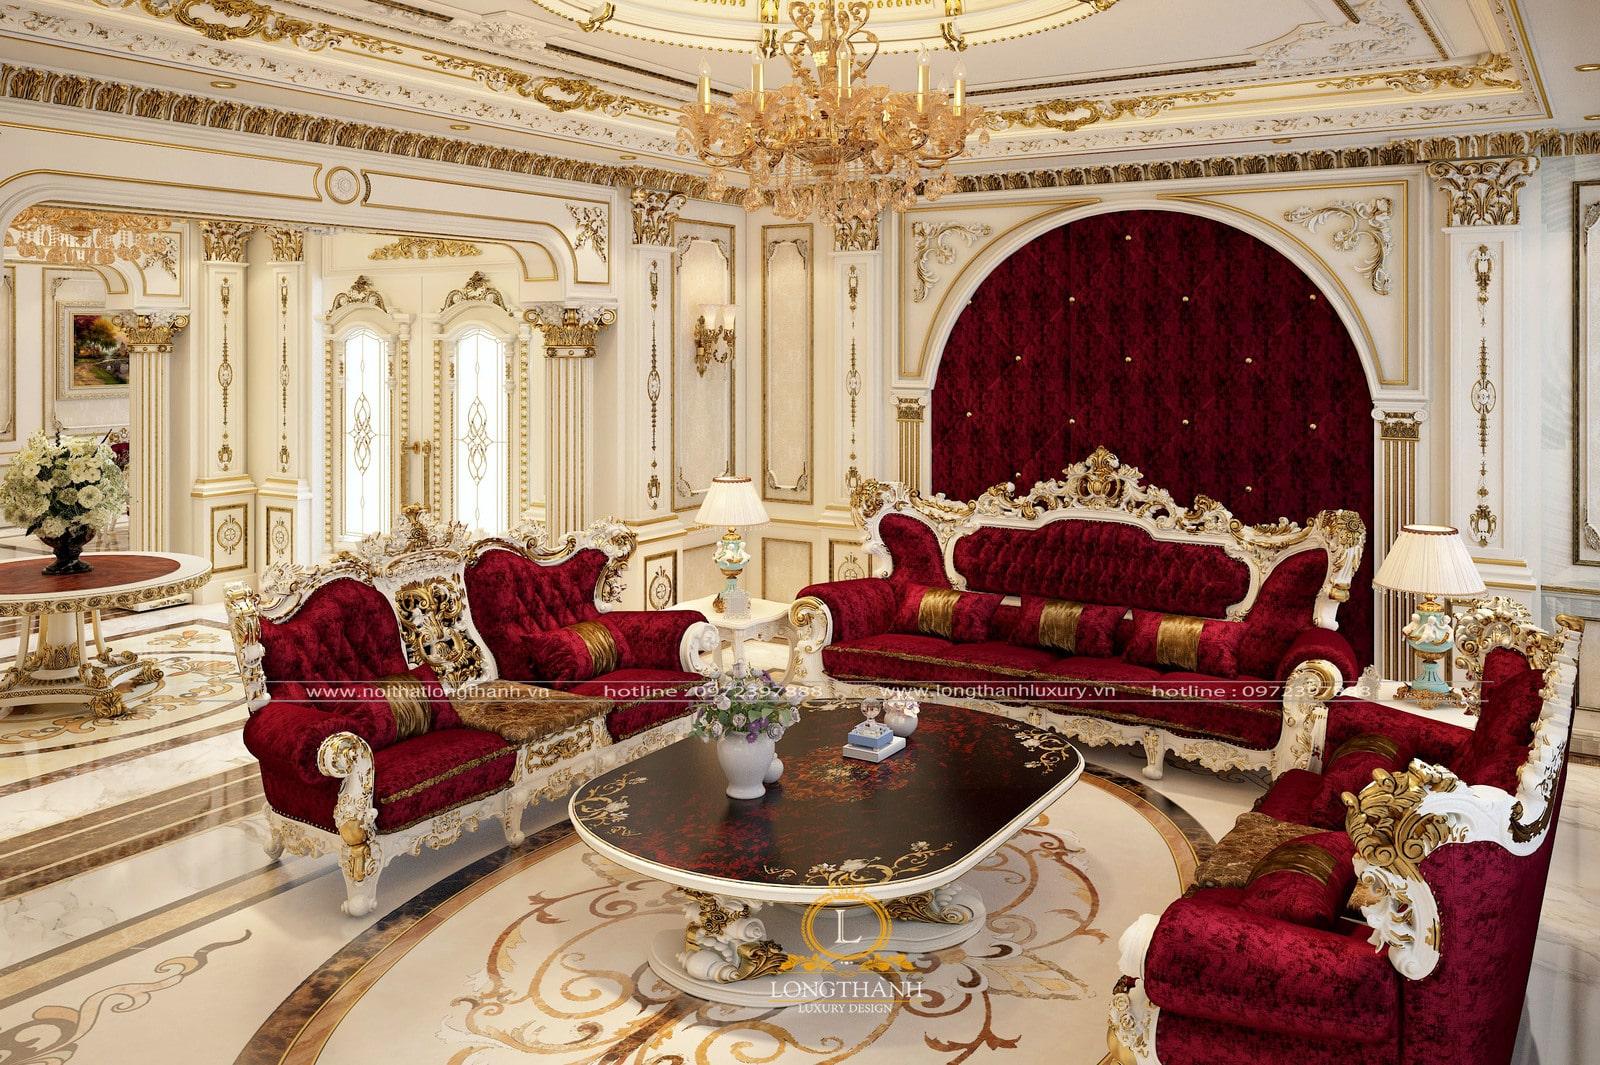 Bộ sofa tân cổ điển mạ vàng tông màu lạnh trắng, đỏ sang trọng hòa hợp với không gian nội thất